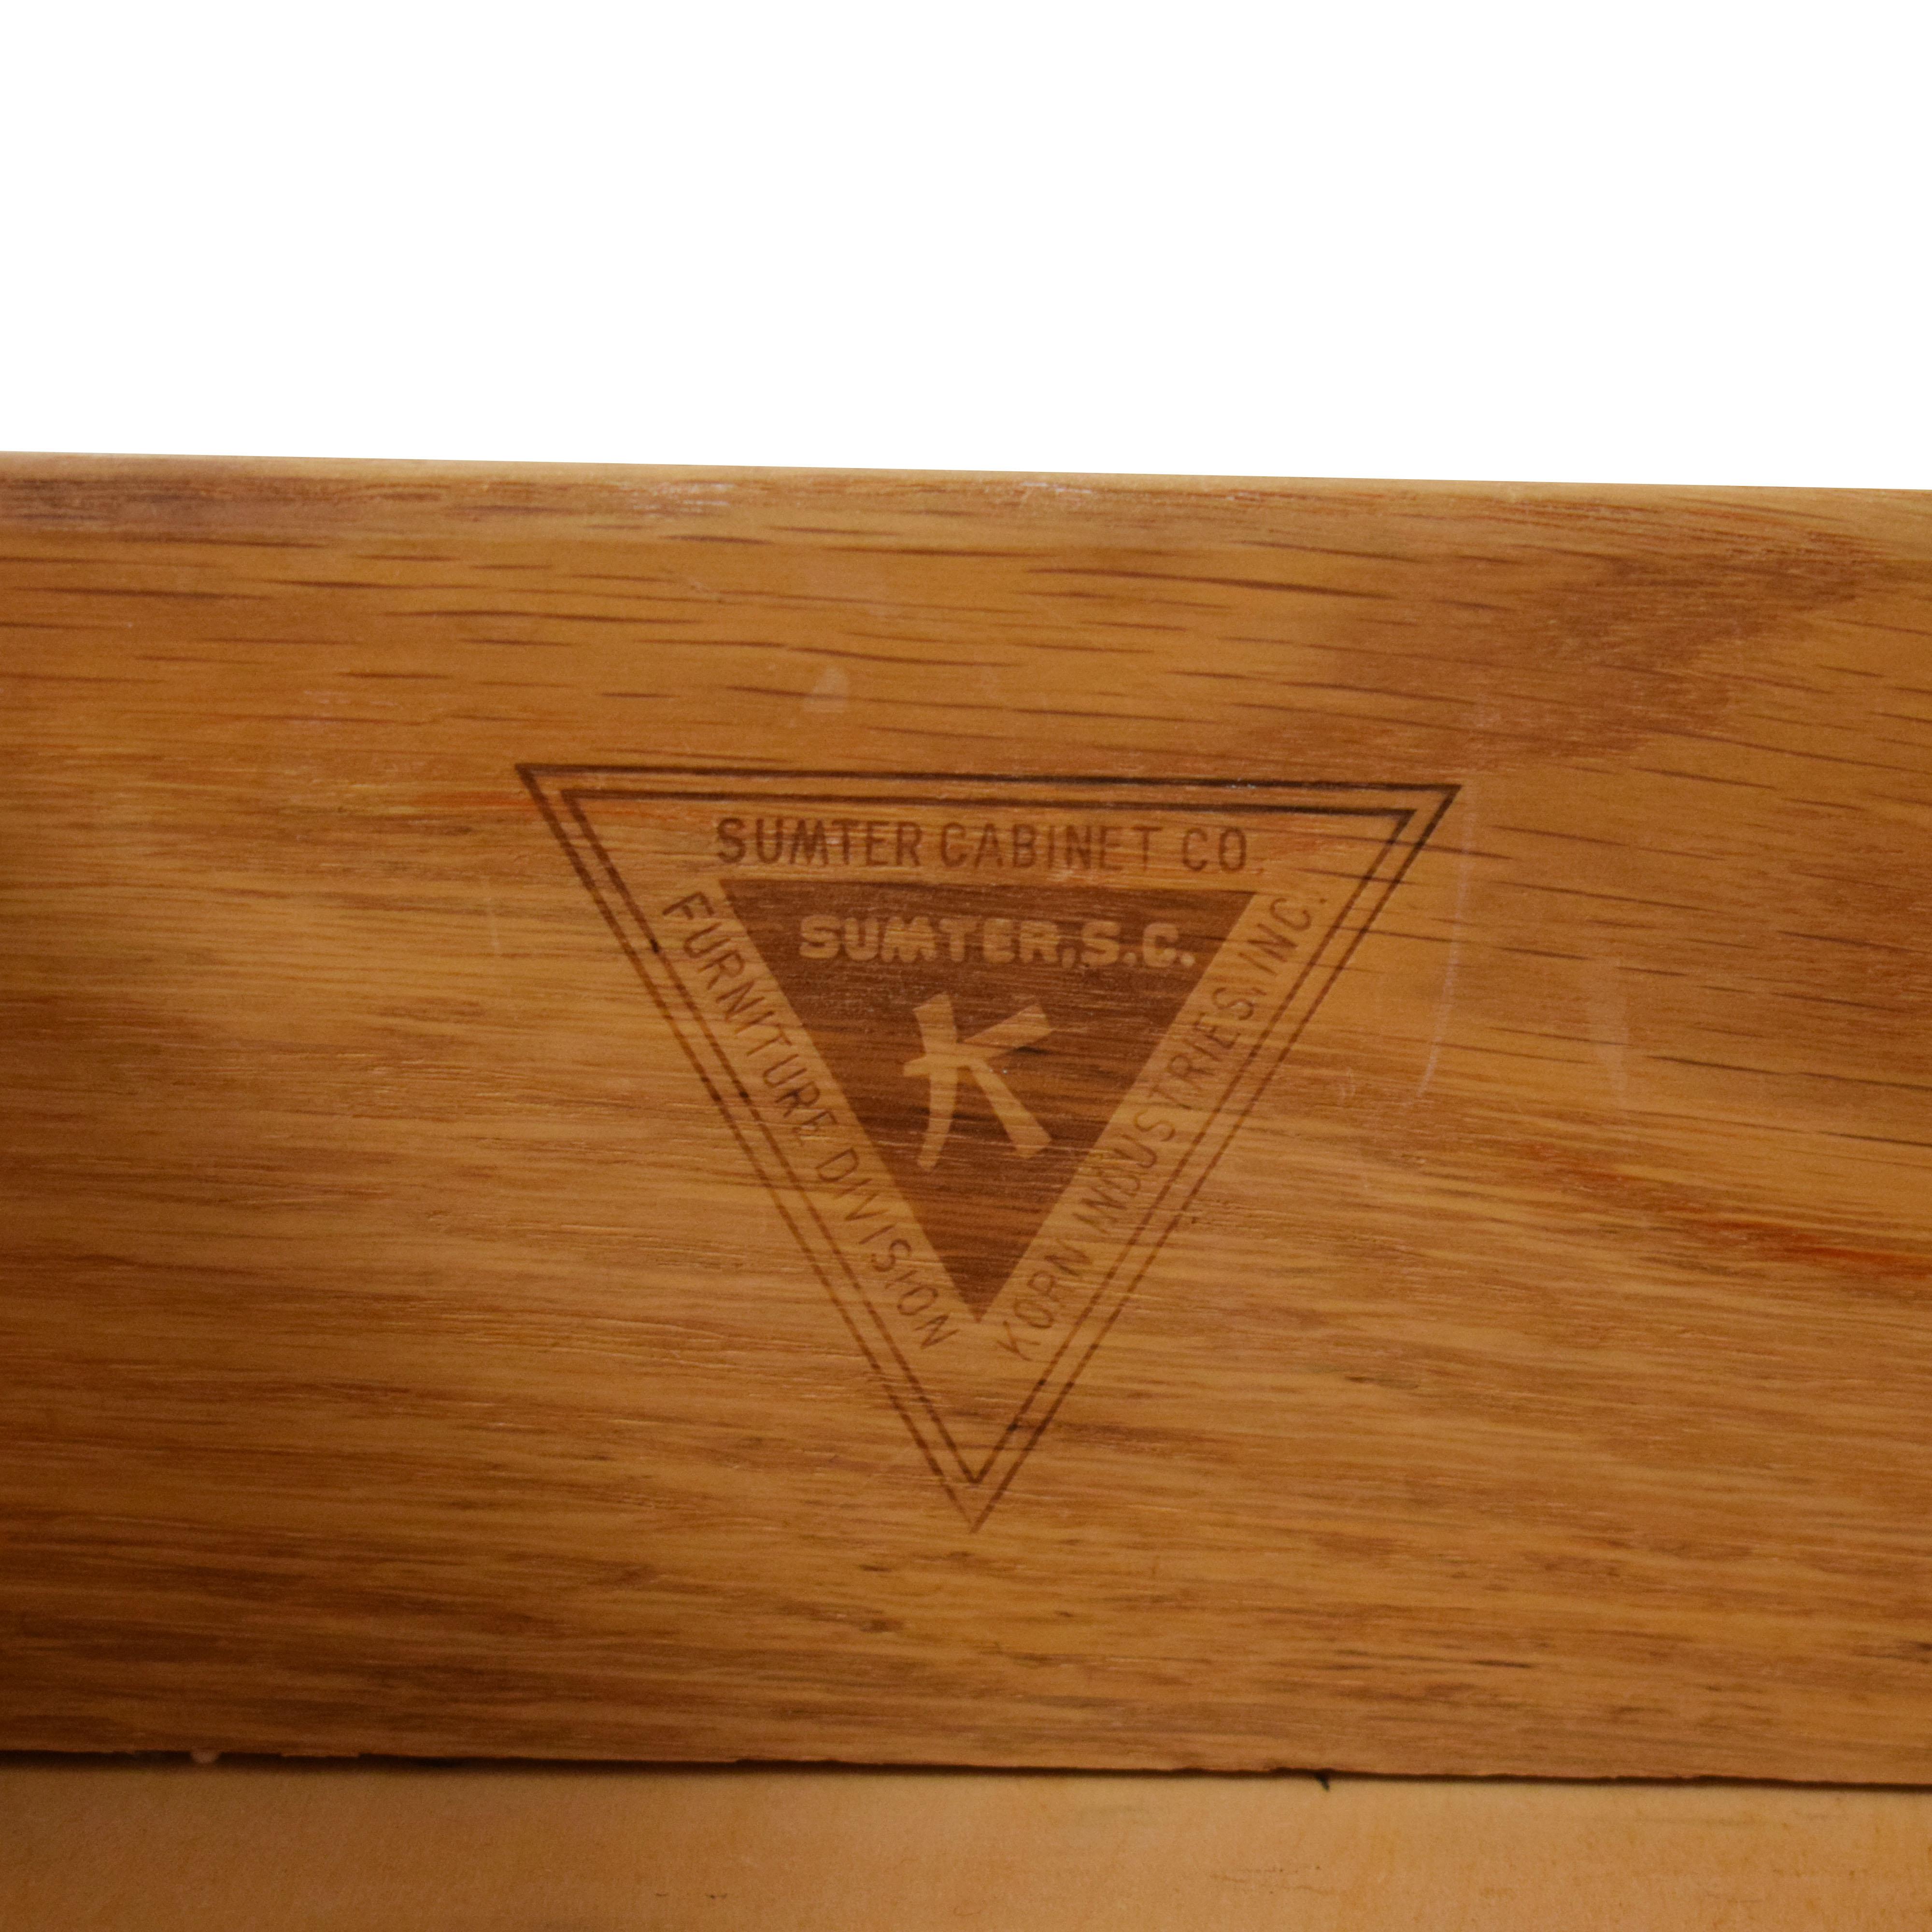 buy Sumter Cabinet Co. Dresser Sumter Cabinet Co. Dressers